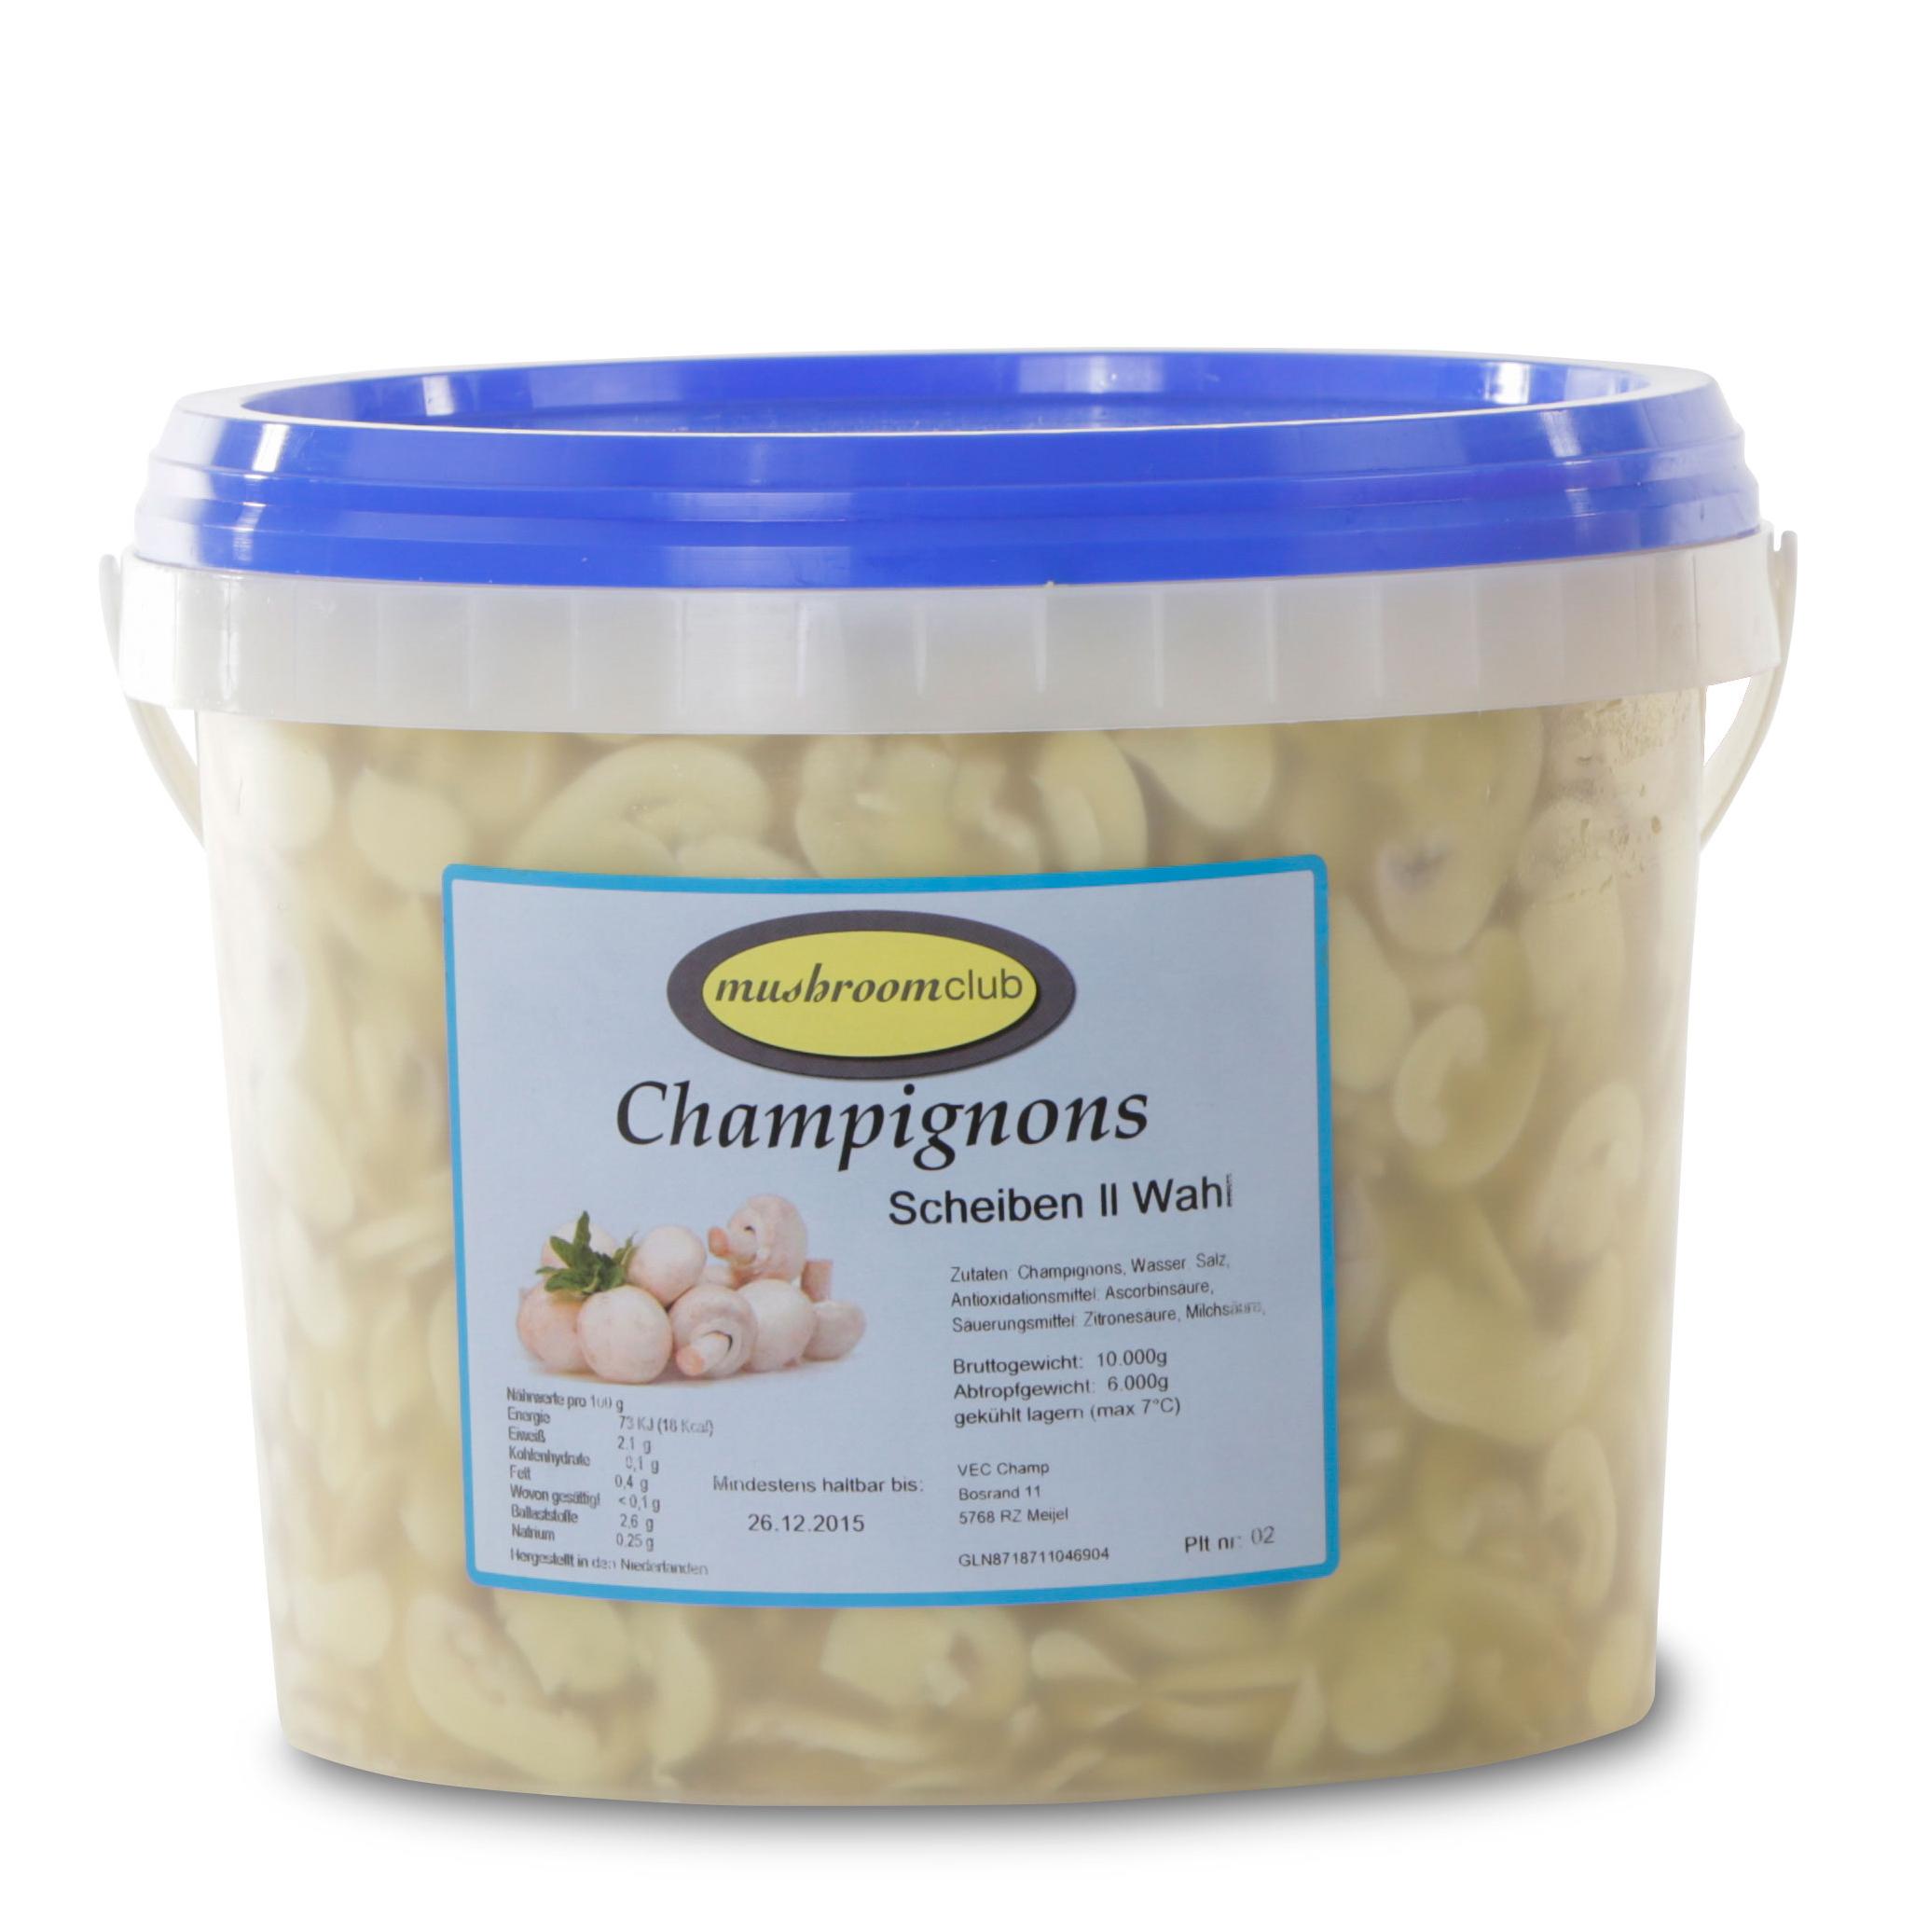 Grote-emmer_champignons2